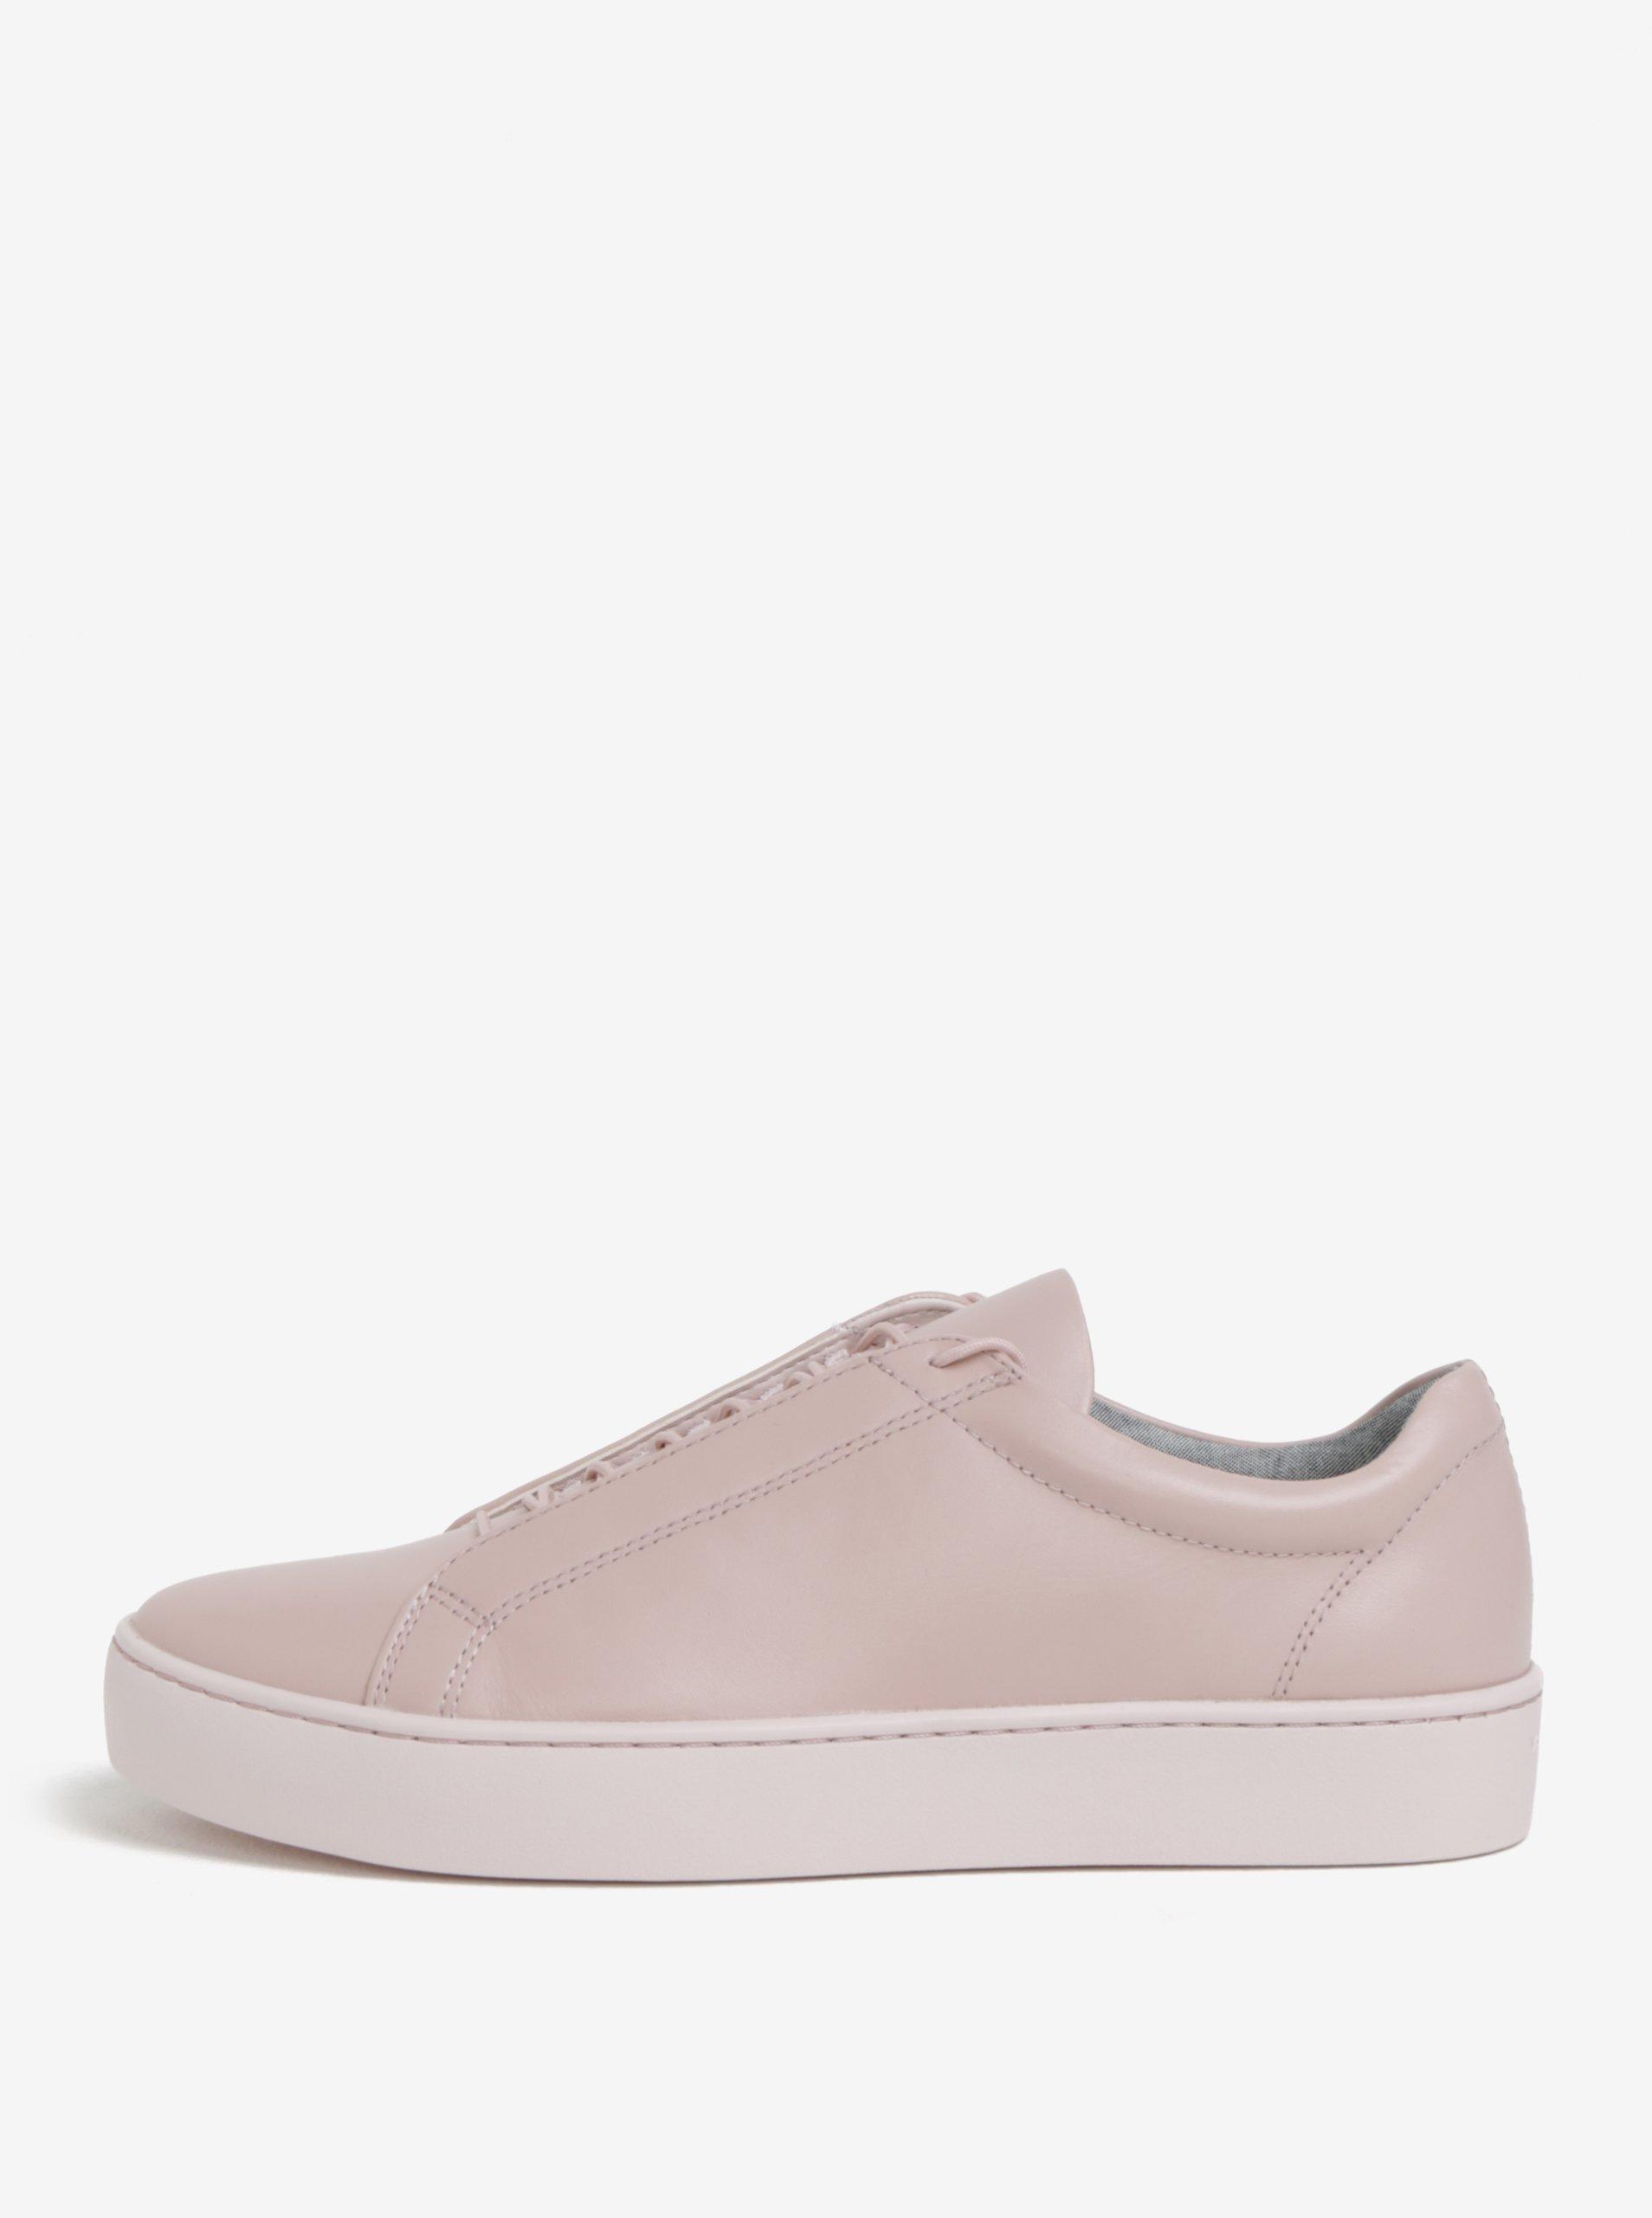 Ružové dámske kožené tenisky Vagabond Zoe  4250b605113